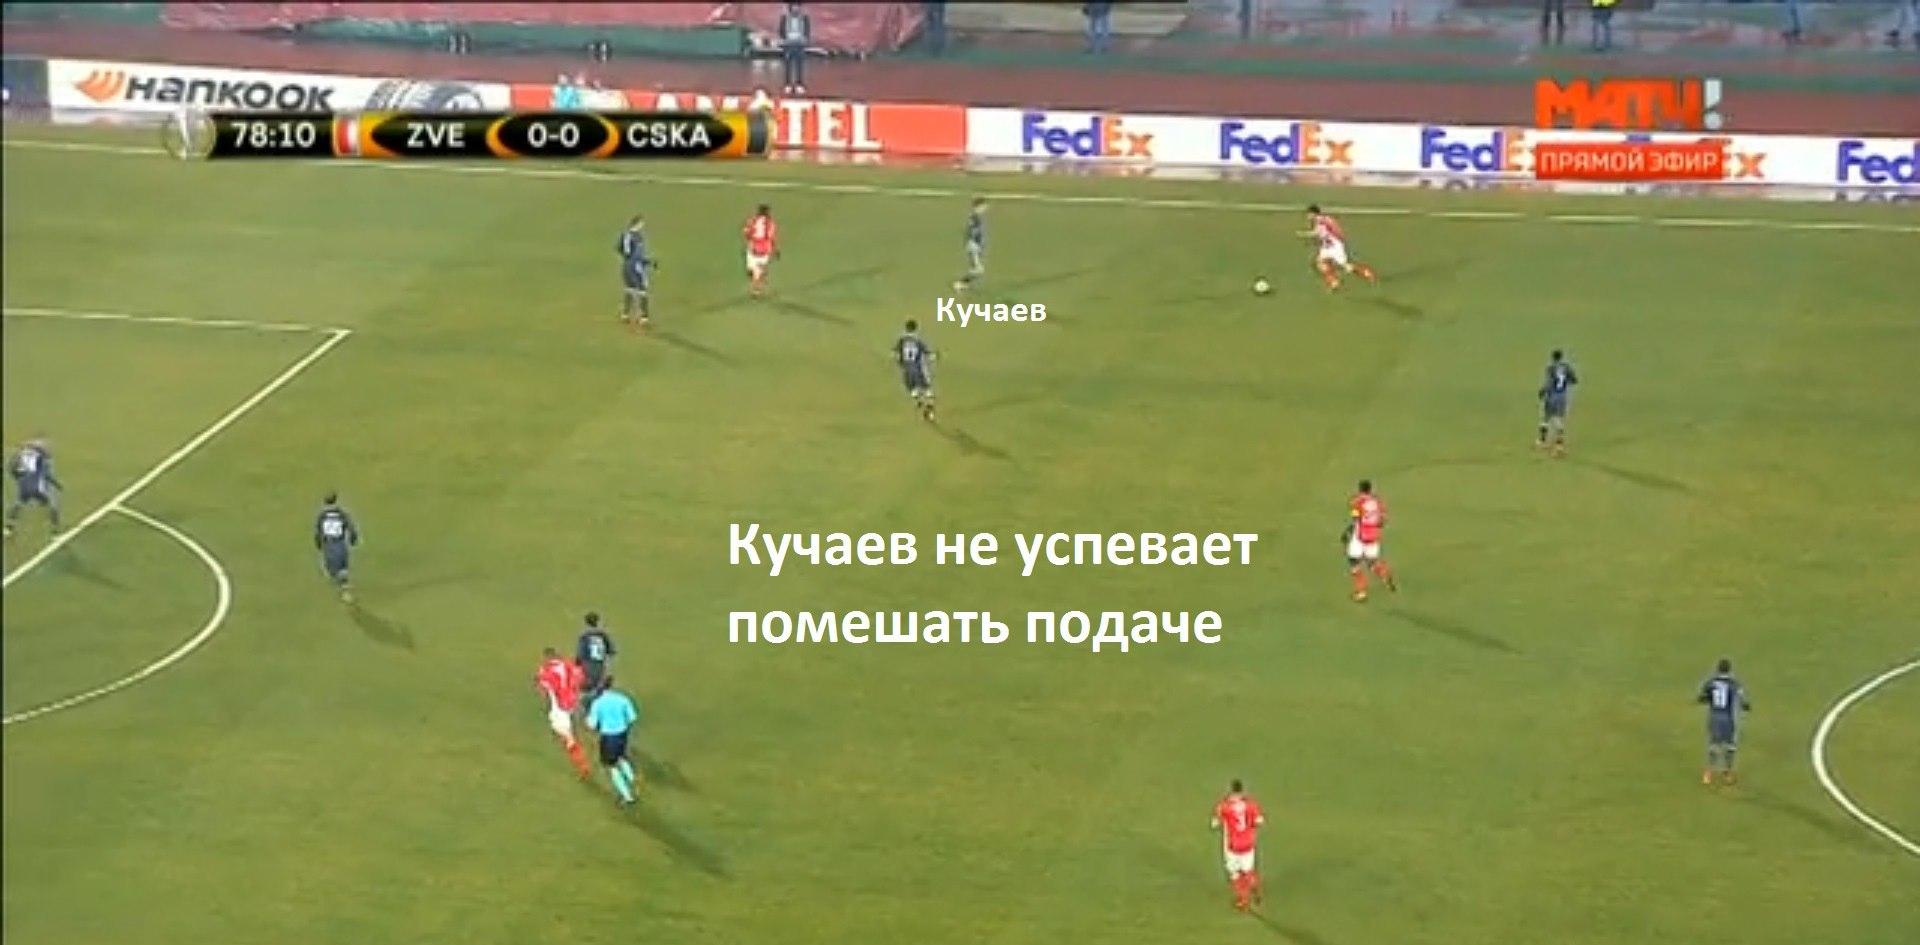 Ни Щенников, ни Набабкин не могут дать ЦСКА то, что способен Кучаев